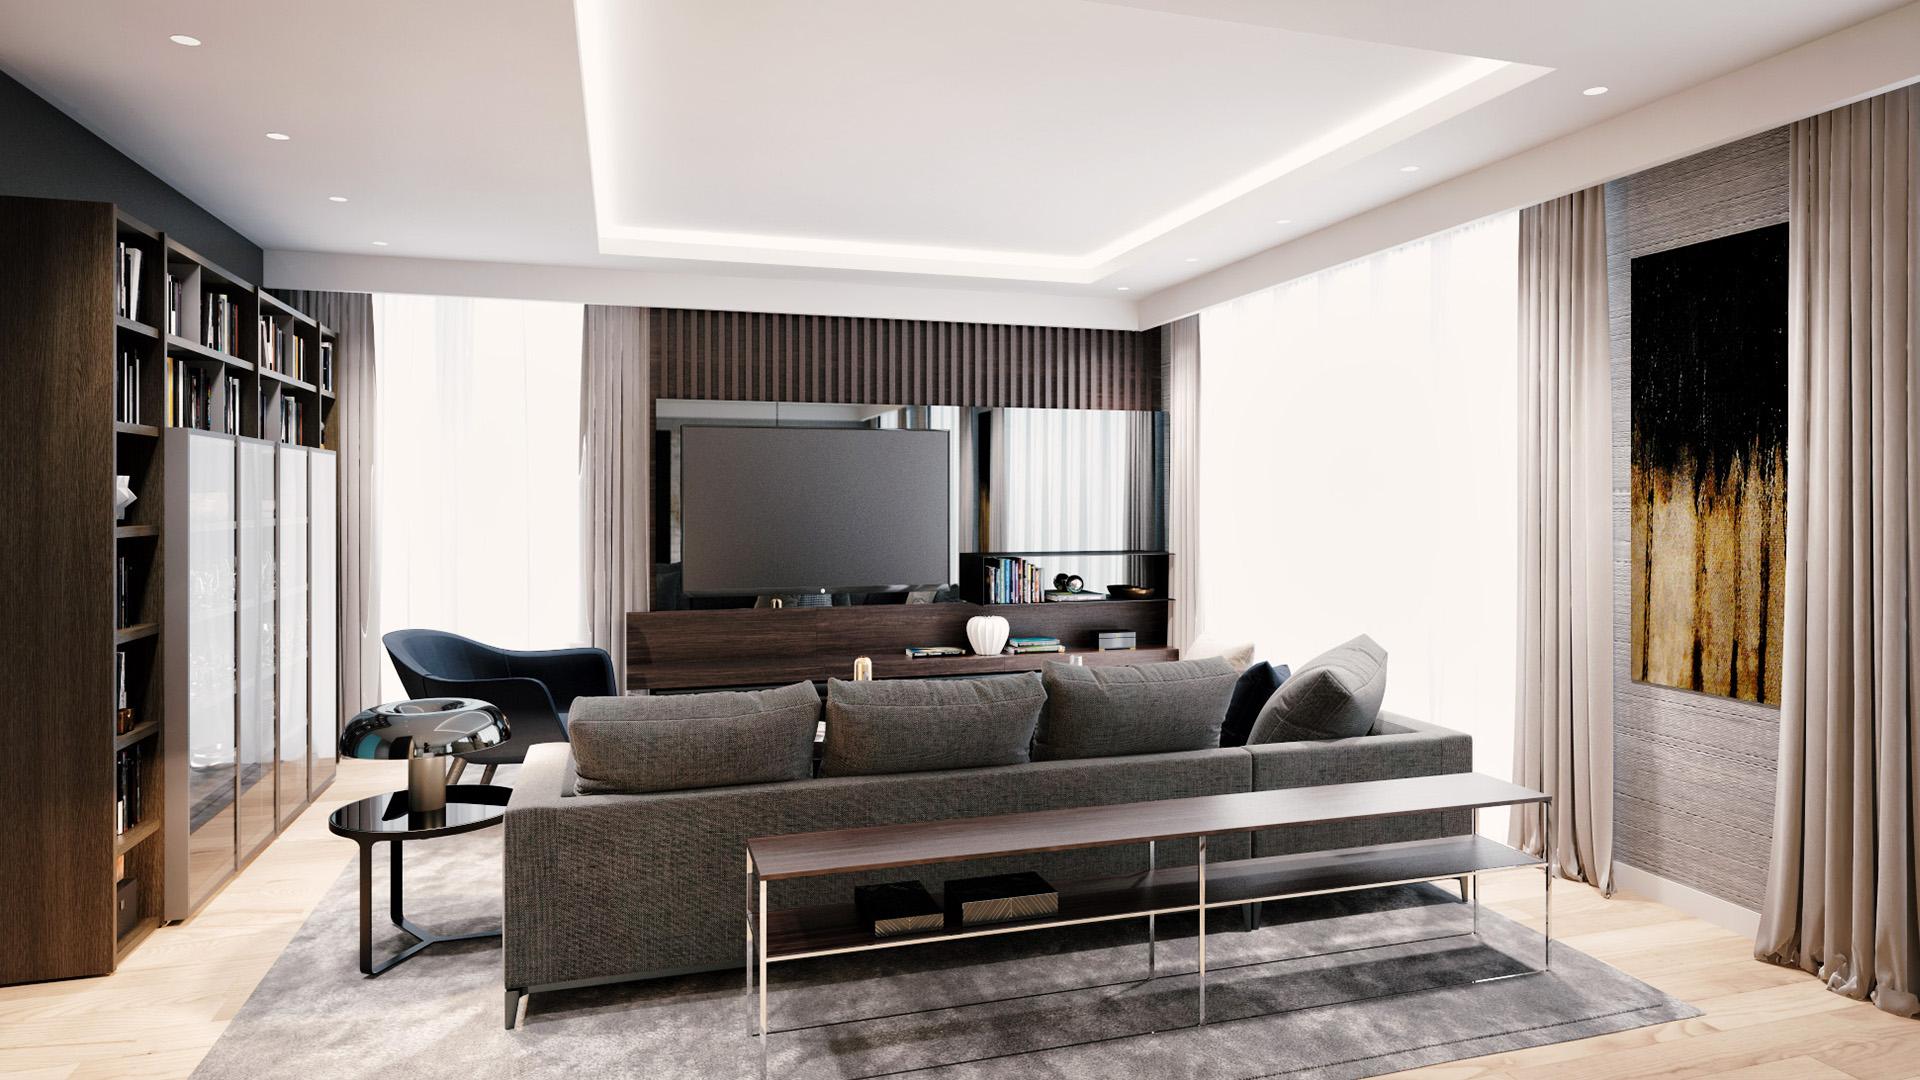 Dnevna soba u uzornom stanu - luksuzni stambeni kompleks Green Hill Dedinje.